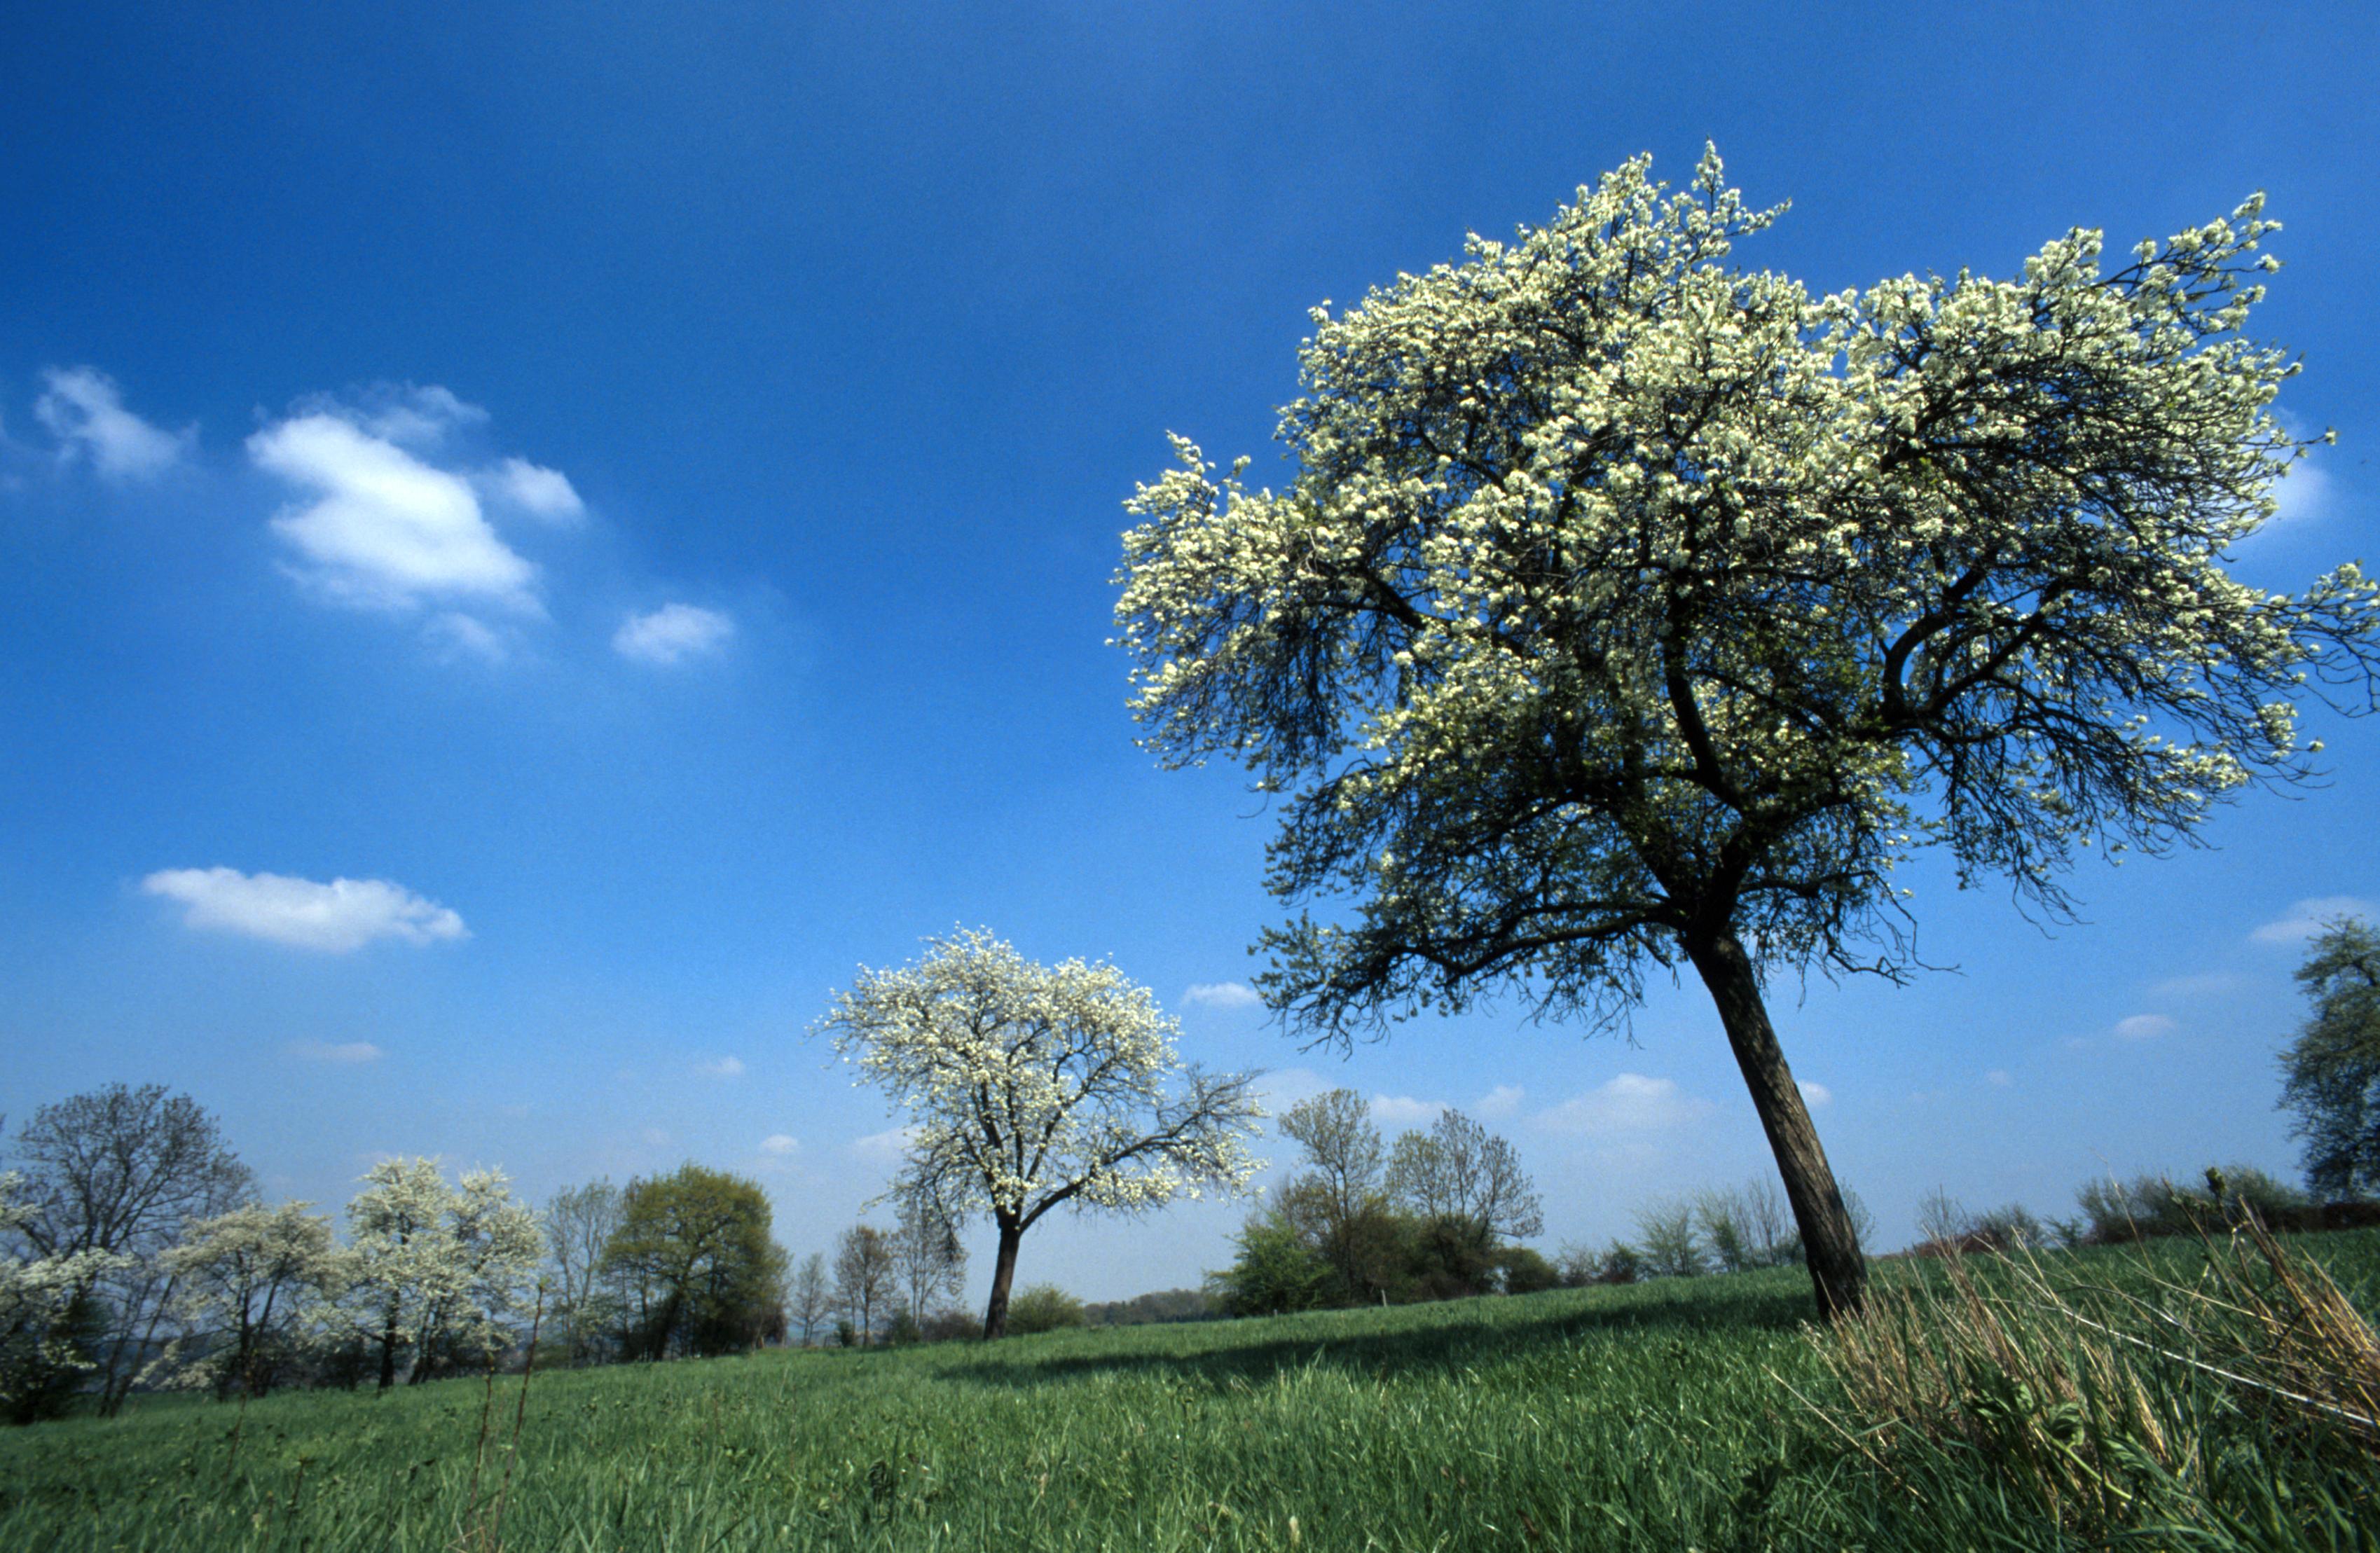 Paysage - Pays de Herve - ciel bleu - arbre - prairie